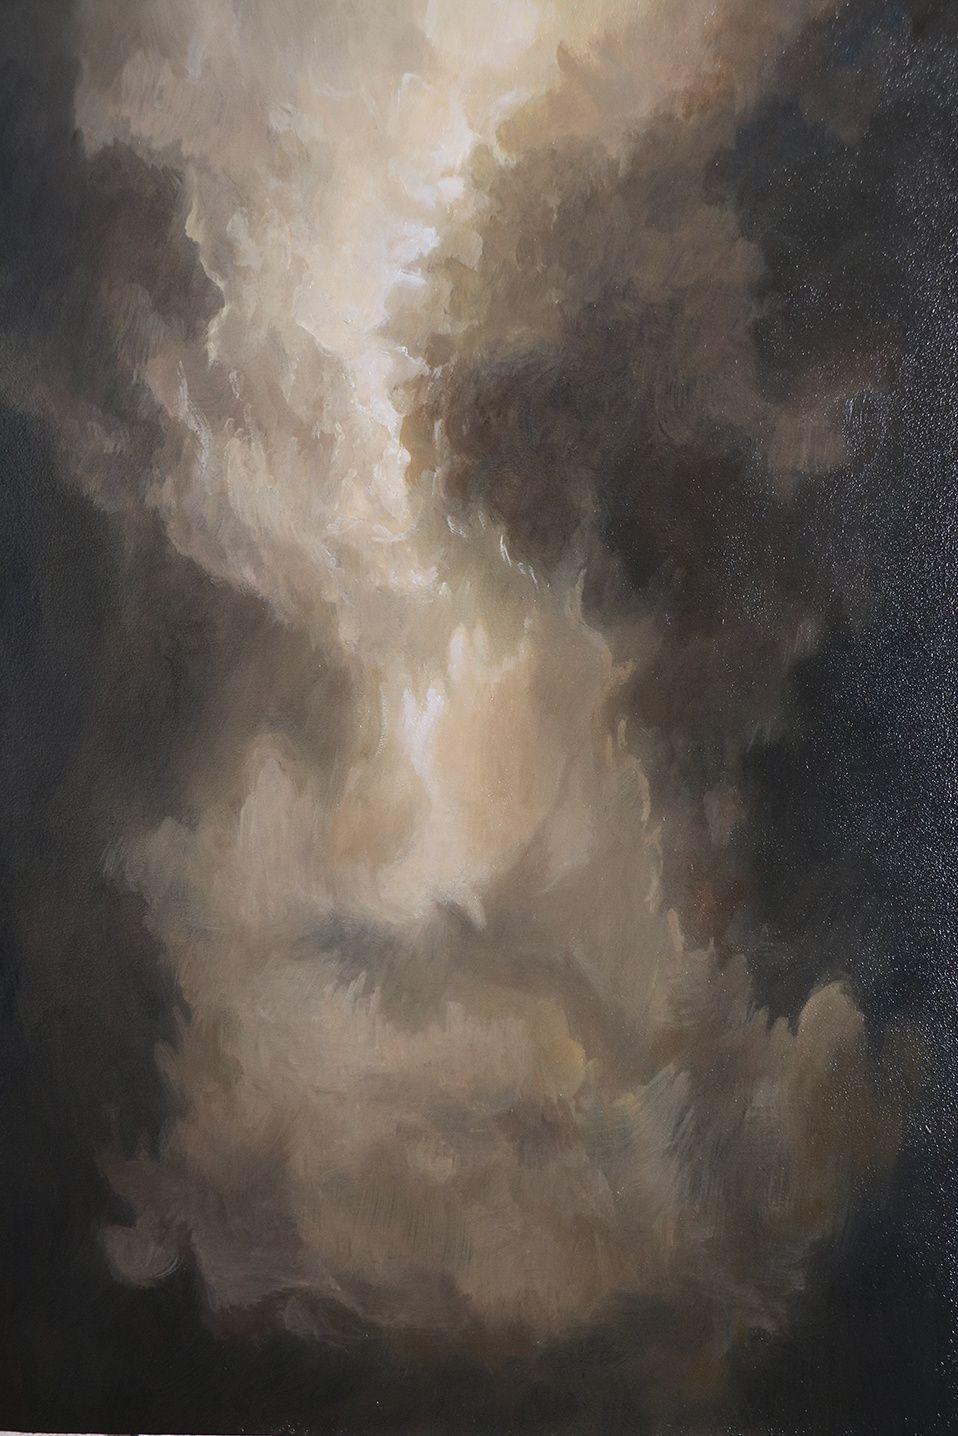 La sarcelle marbrée, huile sur bois, 2018, 20 x 85 cm, caisse chêne